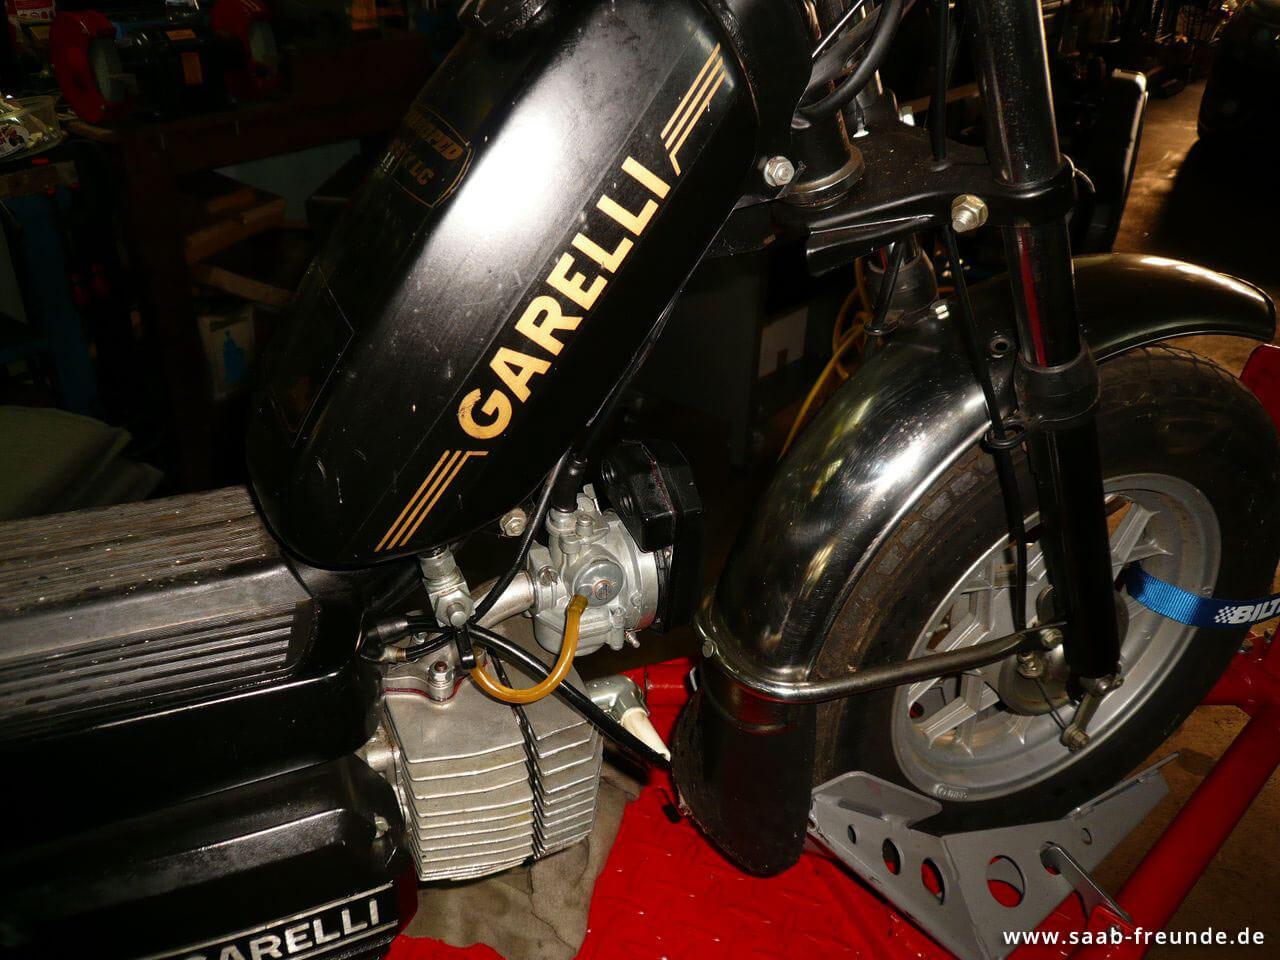 Garelli Katia Europed 25 XLC (15)